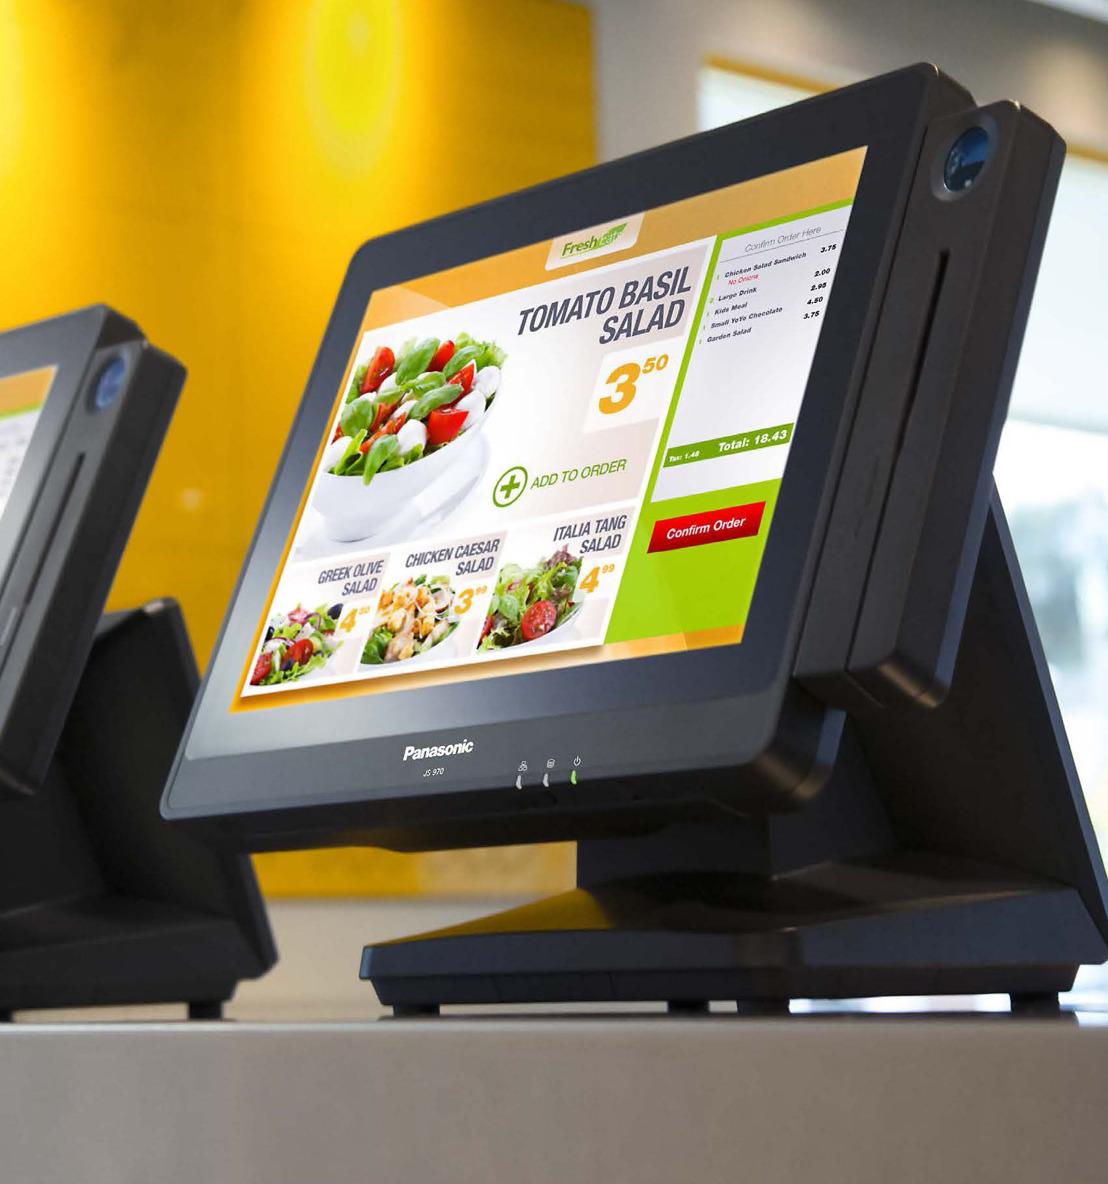 Panasonic trae a México una atractiva solución para punto de venta